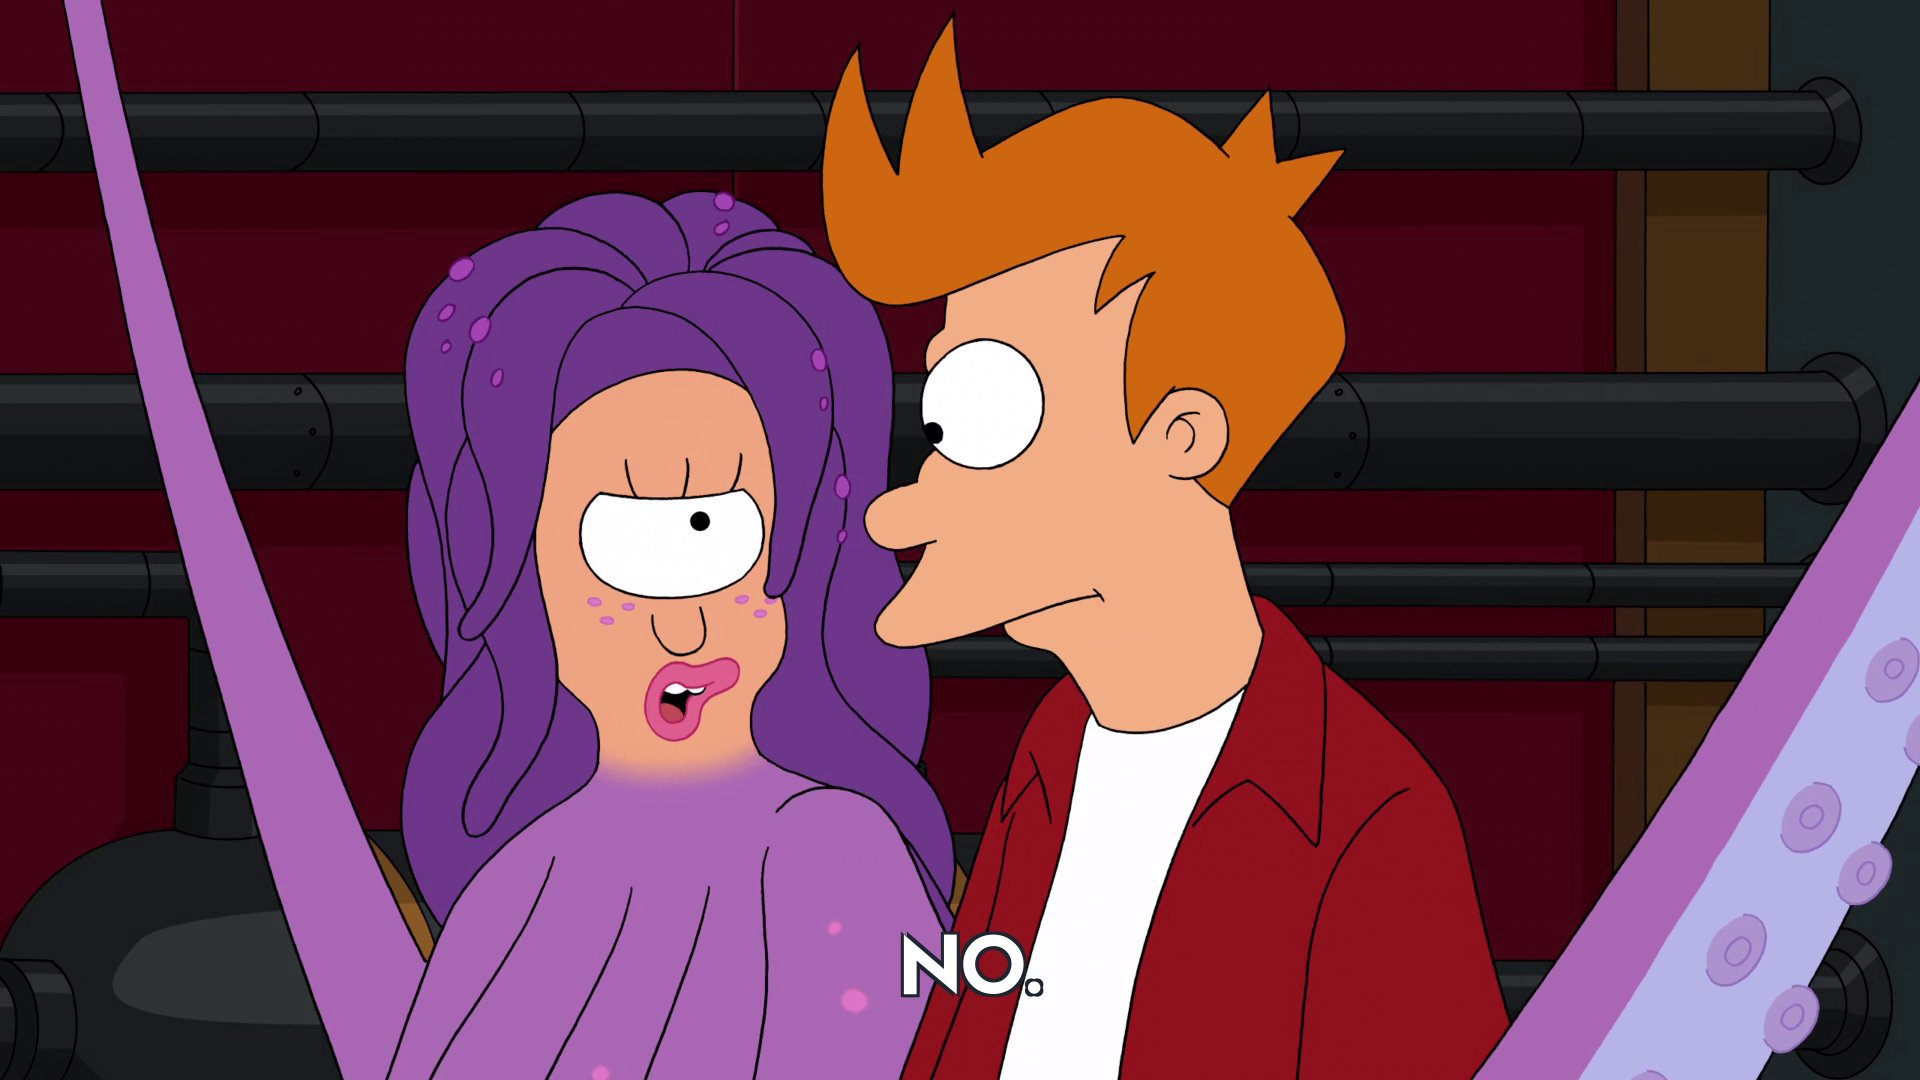 Turanga Leela: No.